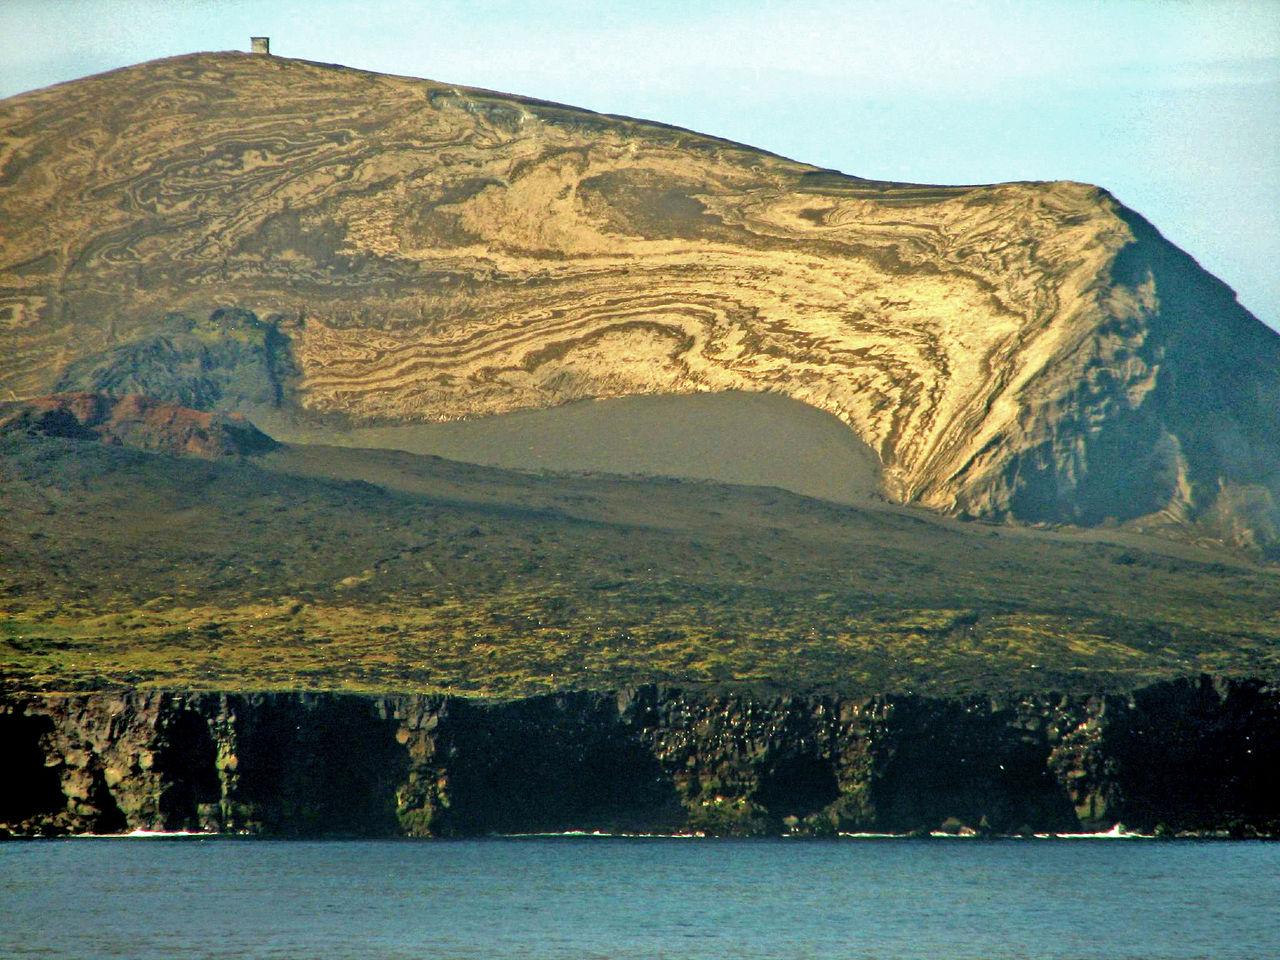 スルツェイ島の画像 p1_6